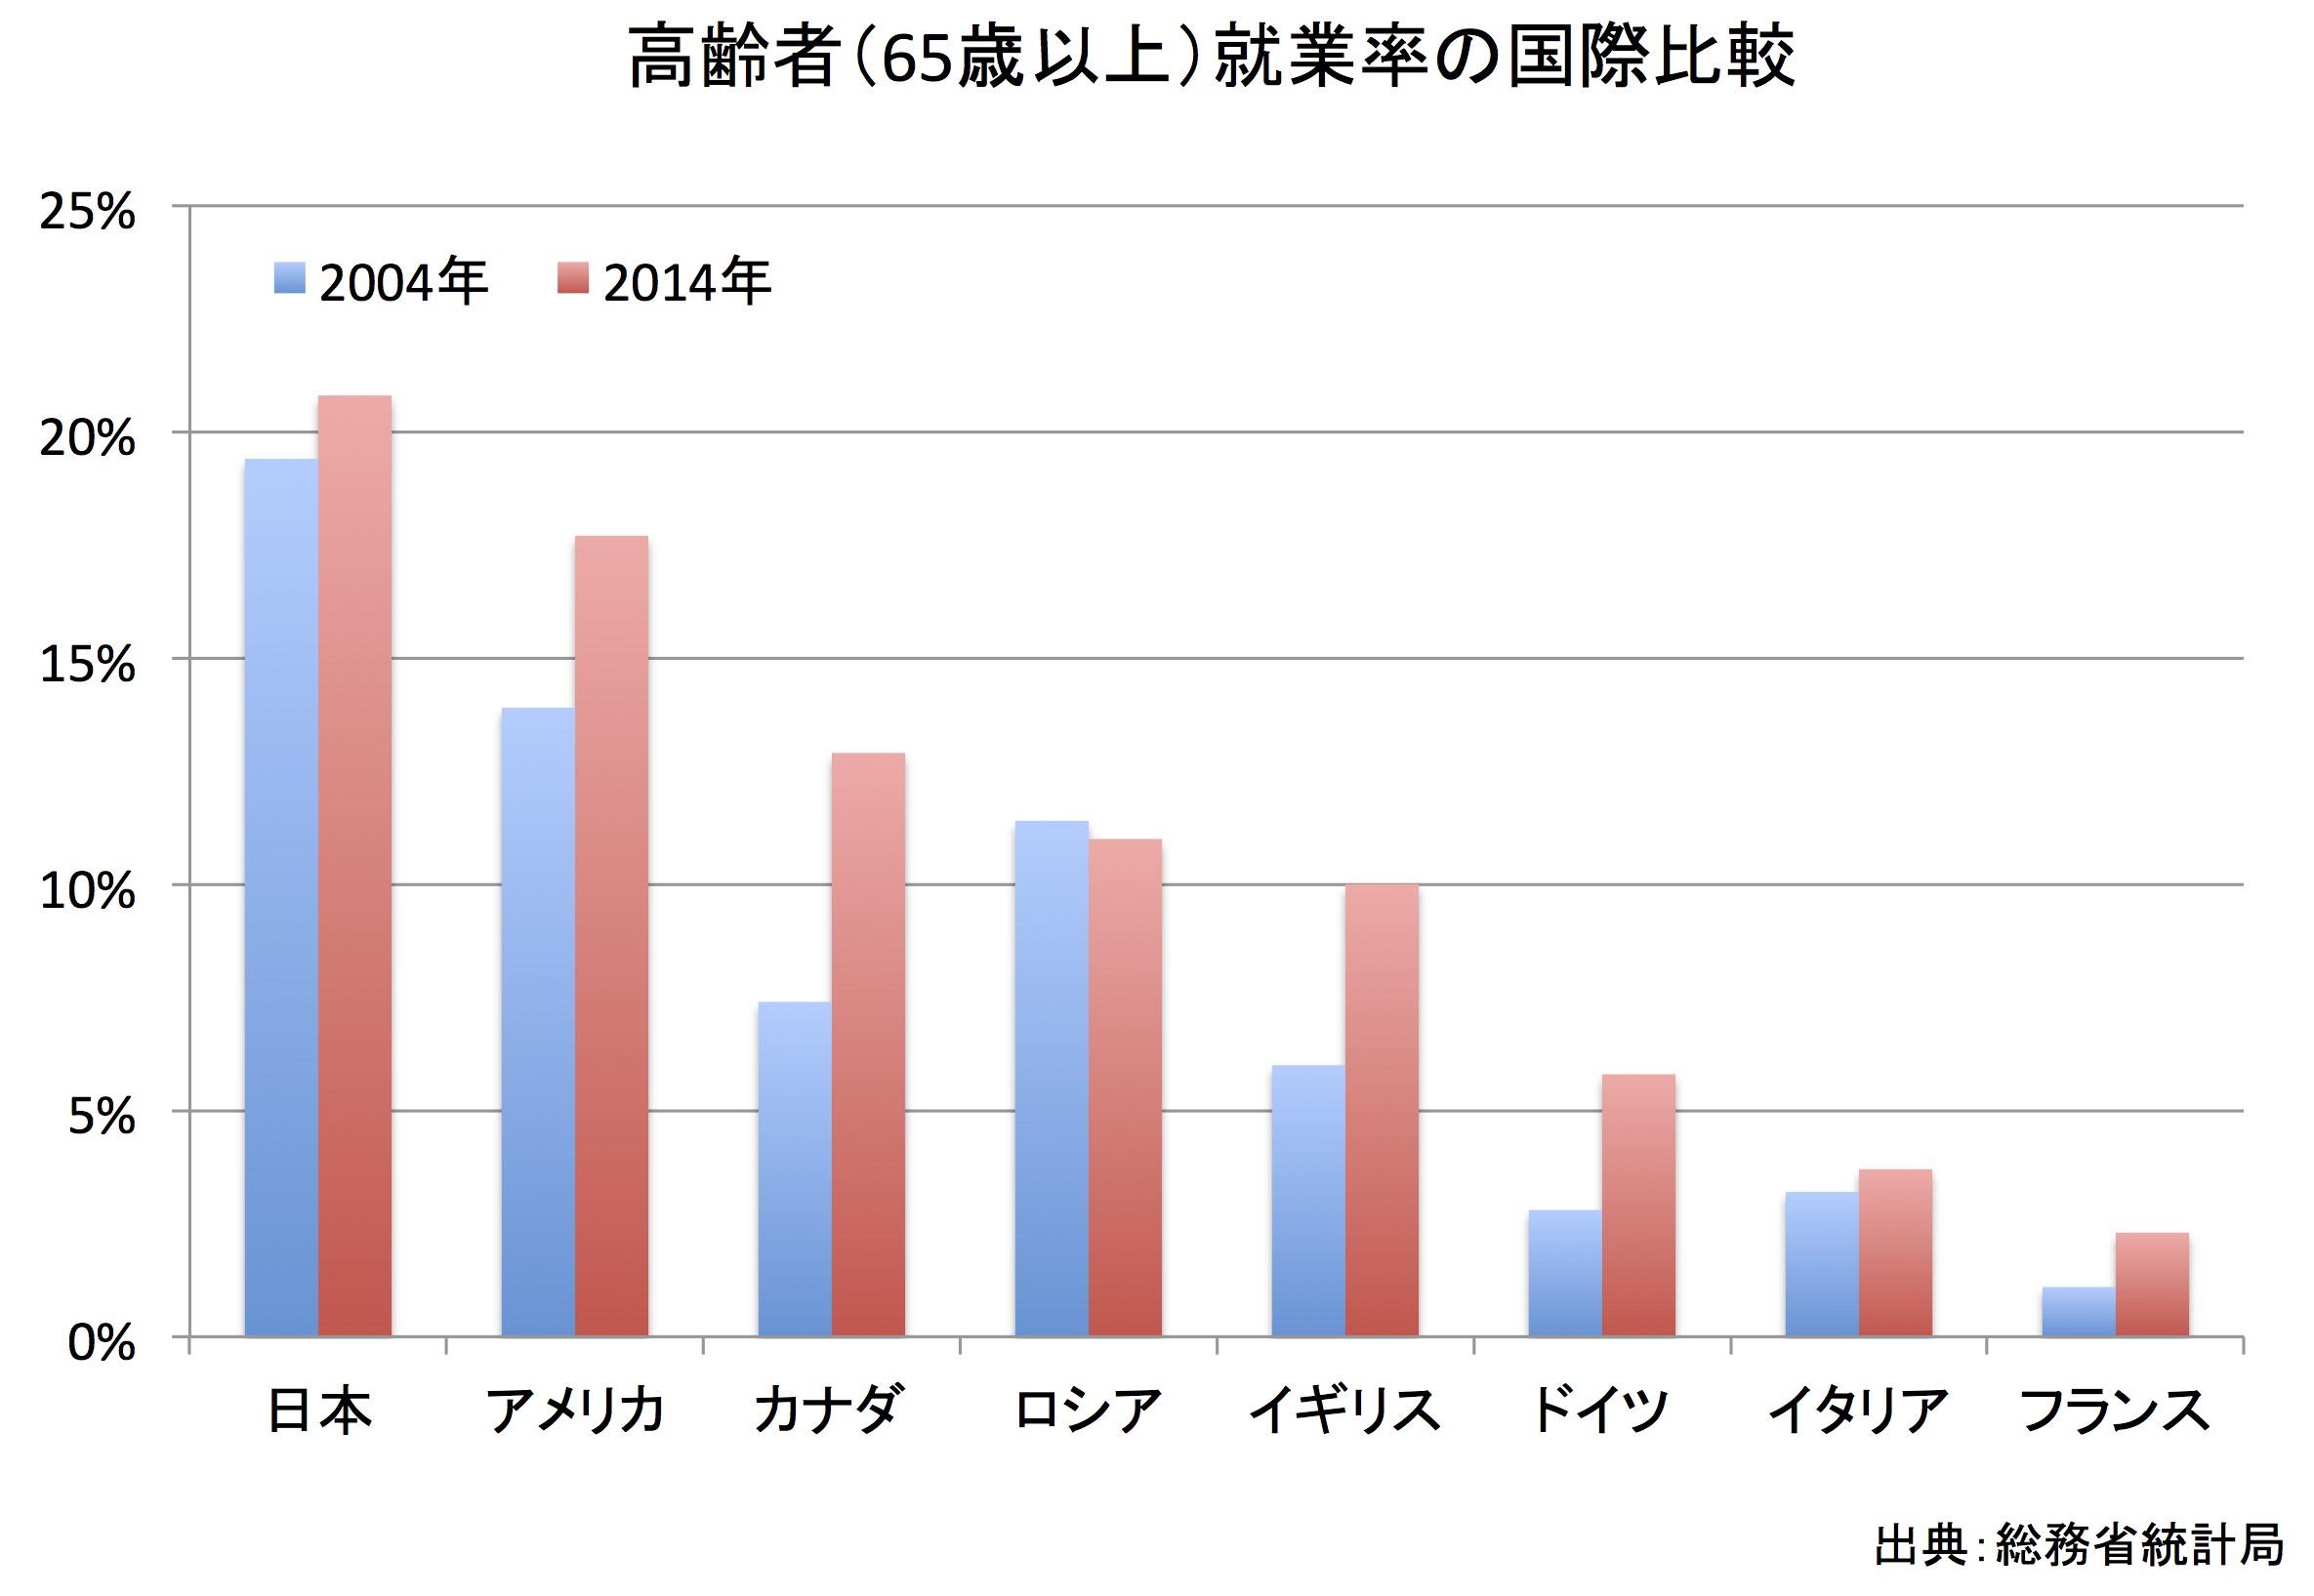 高齢者の就業率の国際比較